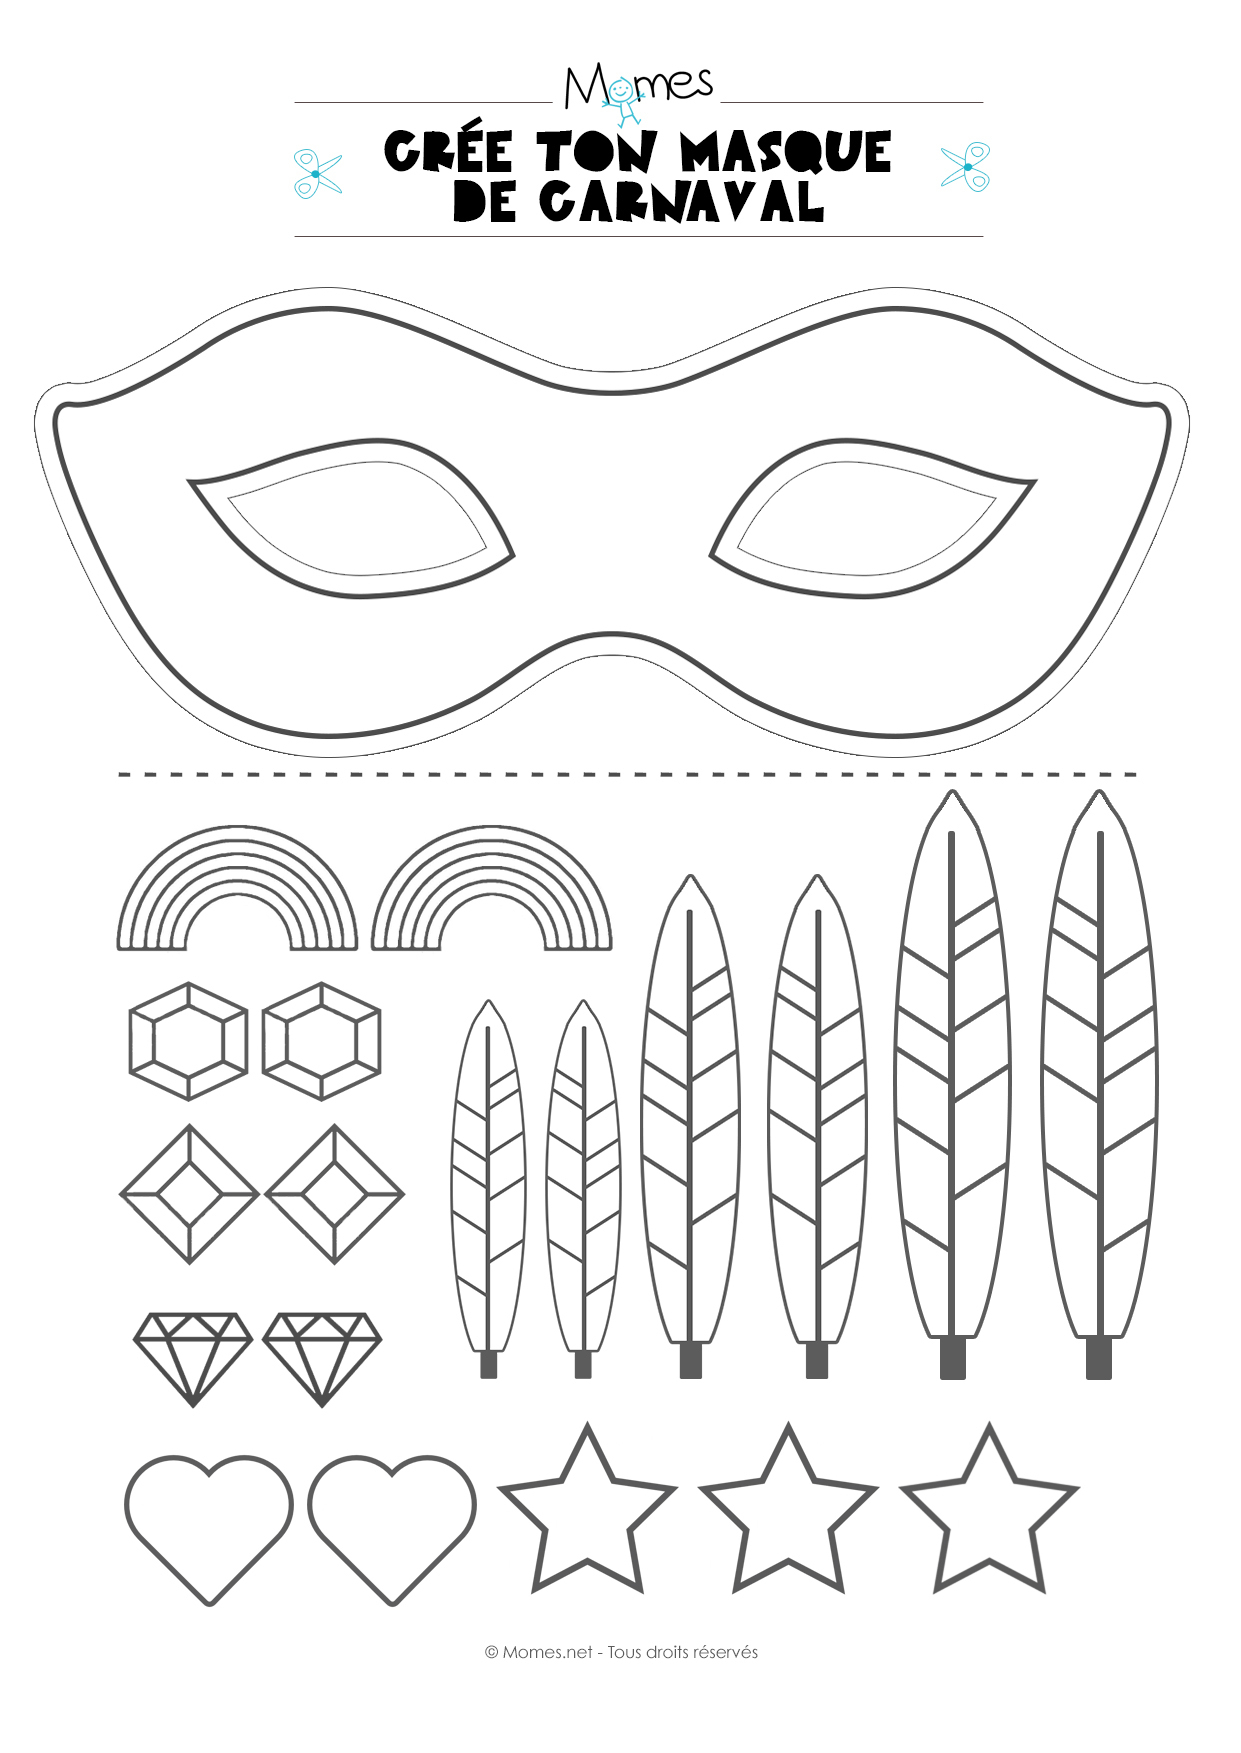 Kit Pour Faire Un Masque De Carnaval - Momes encequiconcerne Coloriage De Carnaval A Imprimer Gratuit